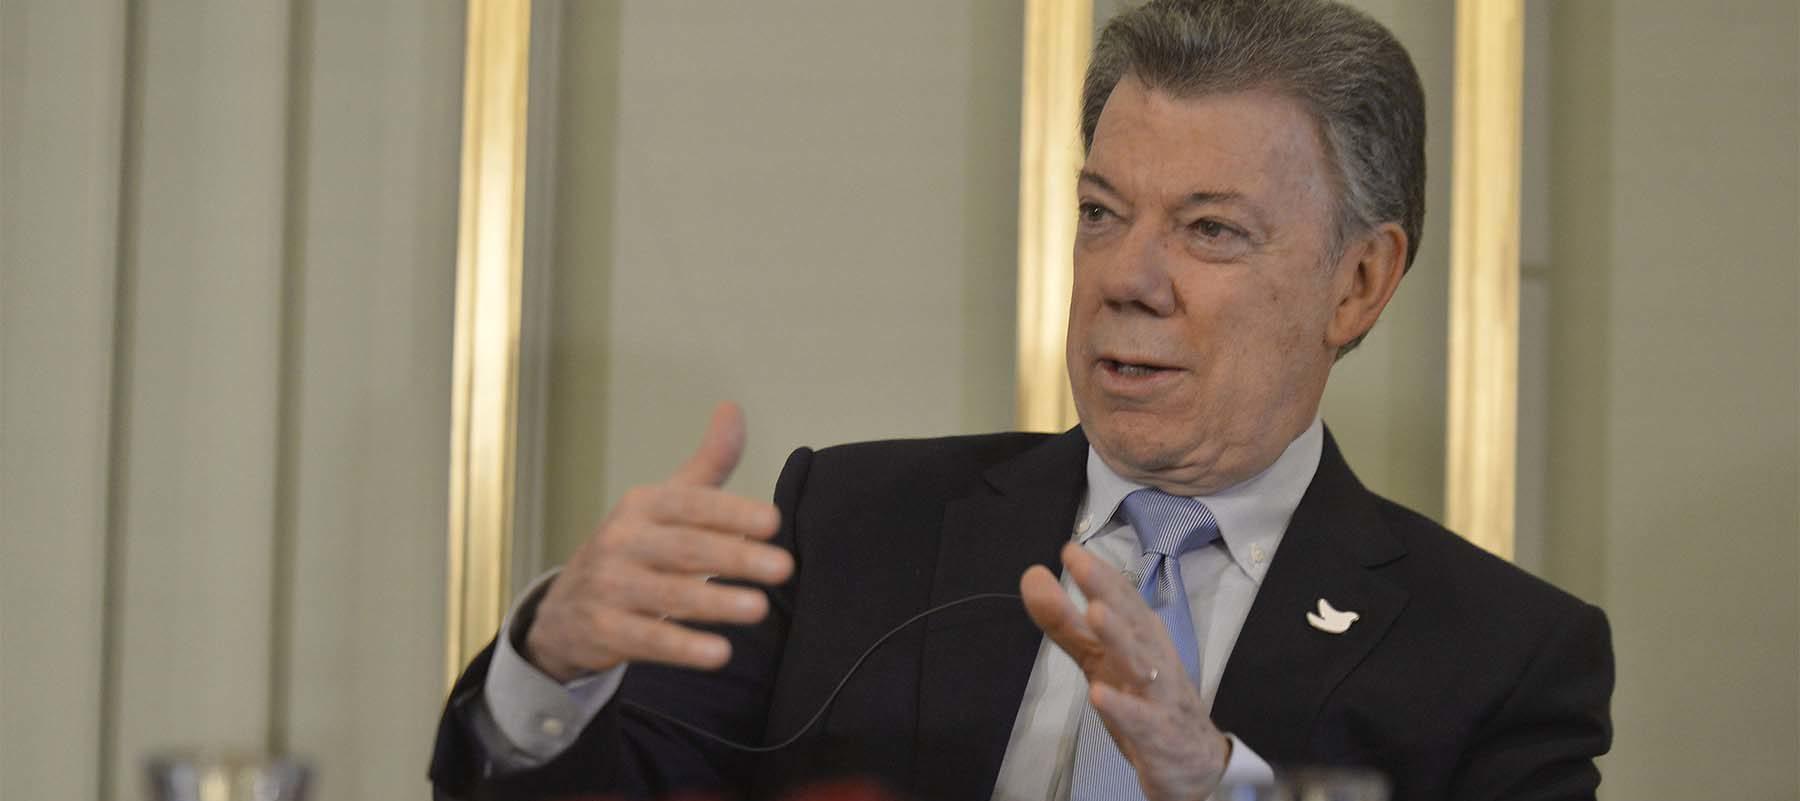 """""""A los países en conflicto: Nada es imposible si se persevera. La paz con las Farc era un sueño imposible y hoy es una realidad"""", dijo el Presidente Santos en una declaración ante la prensa en el Instituto Nobel."""